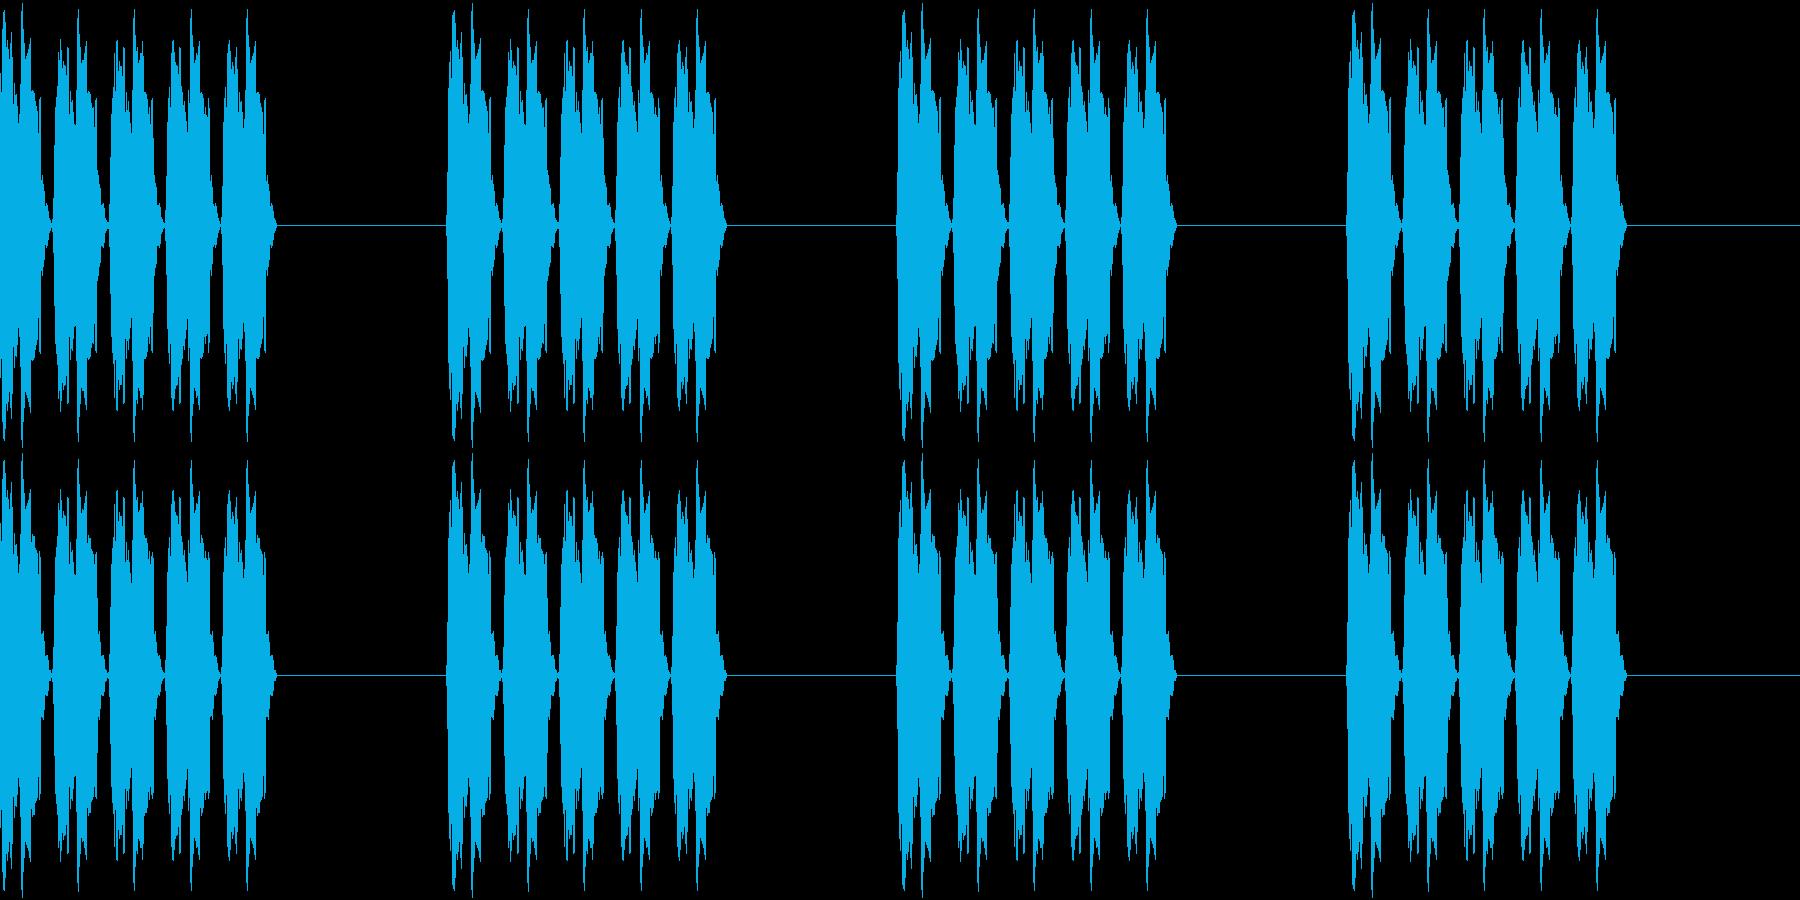 アラーム 時報 時計 着信音 ピピピピの再生済みの波形